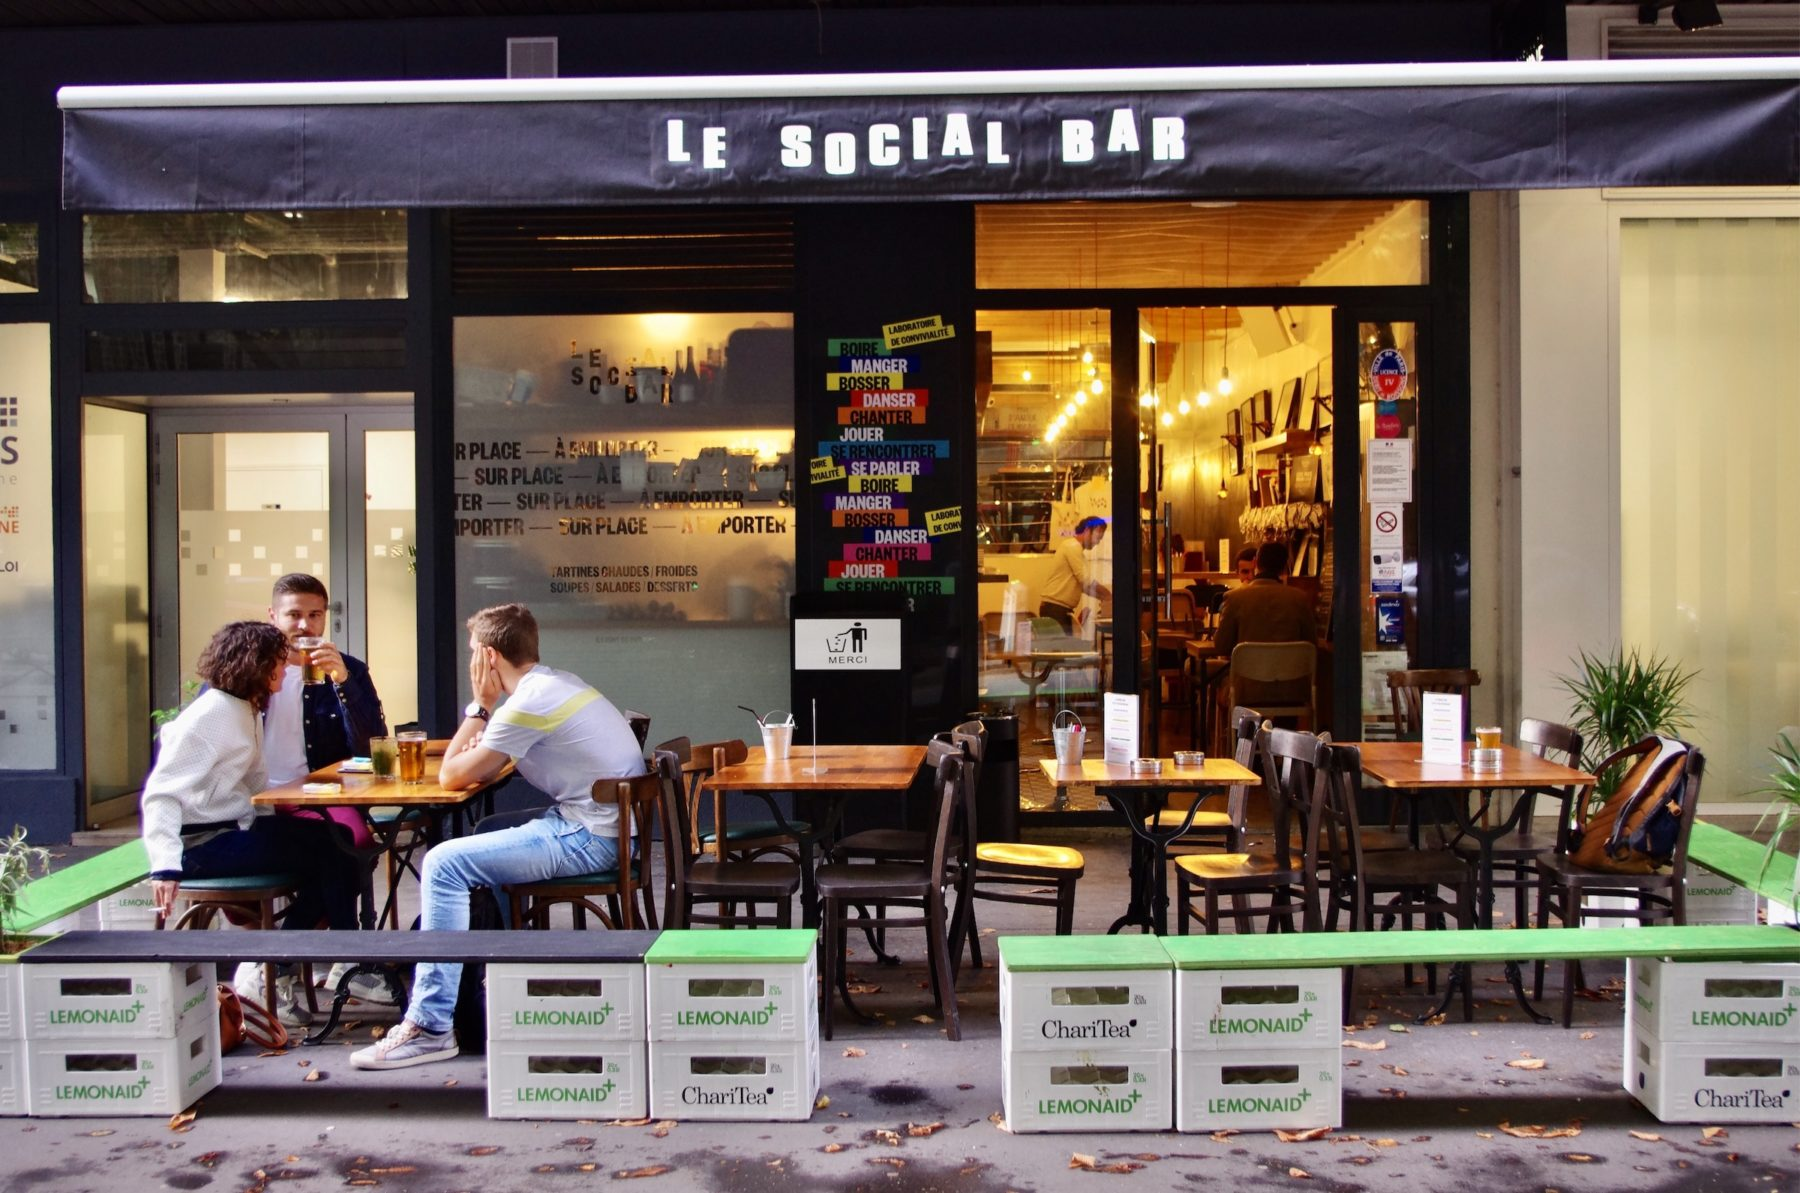 Je vais rencontrer des inconnus au Social Bar